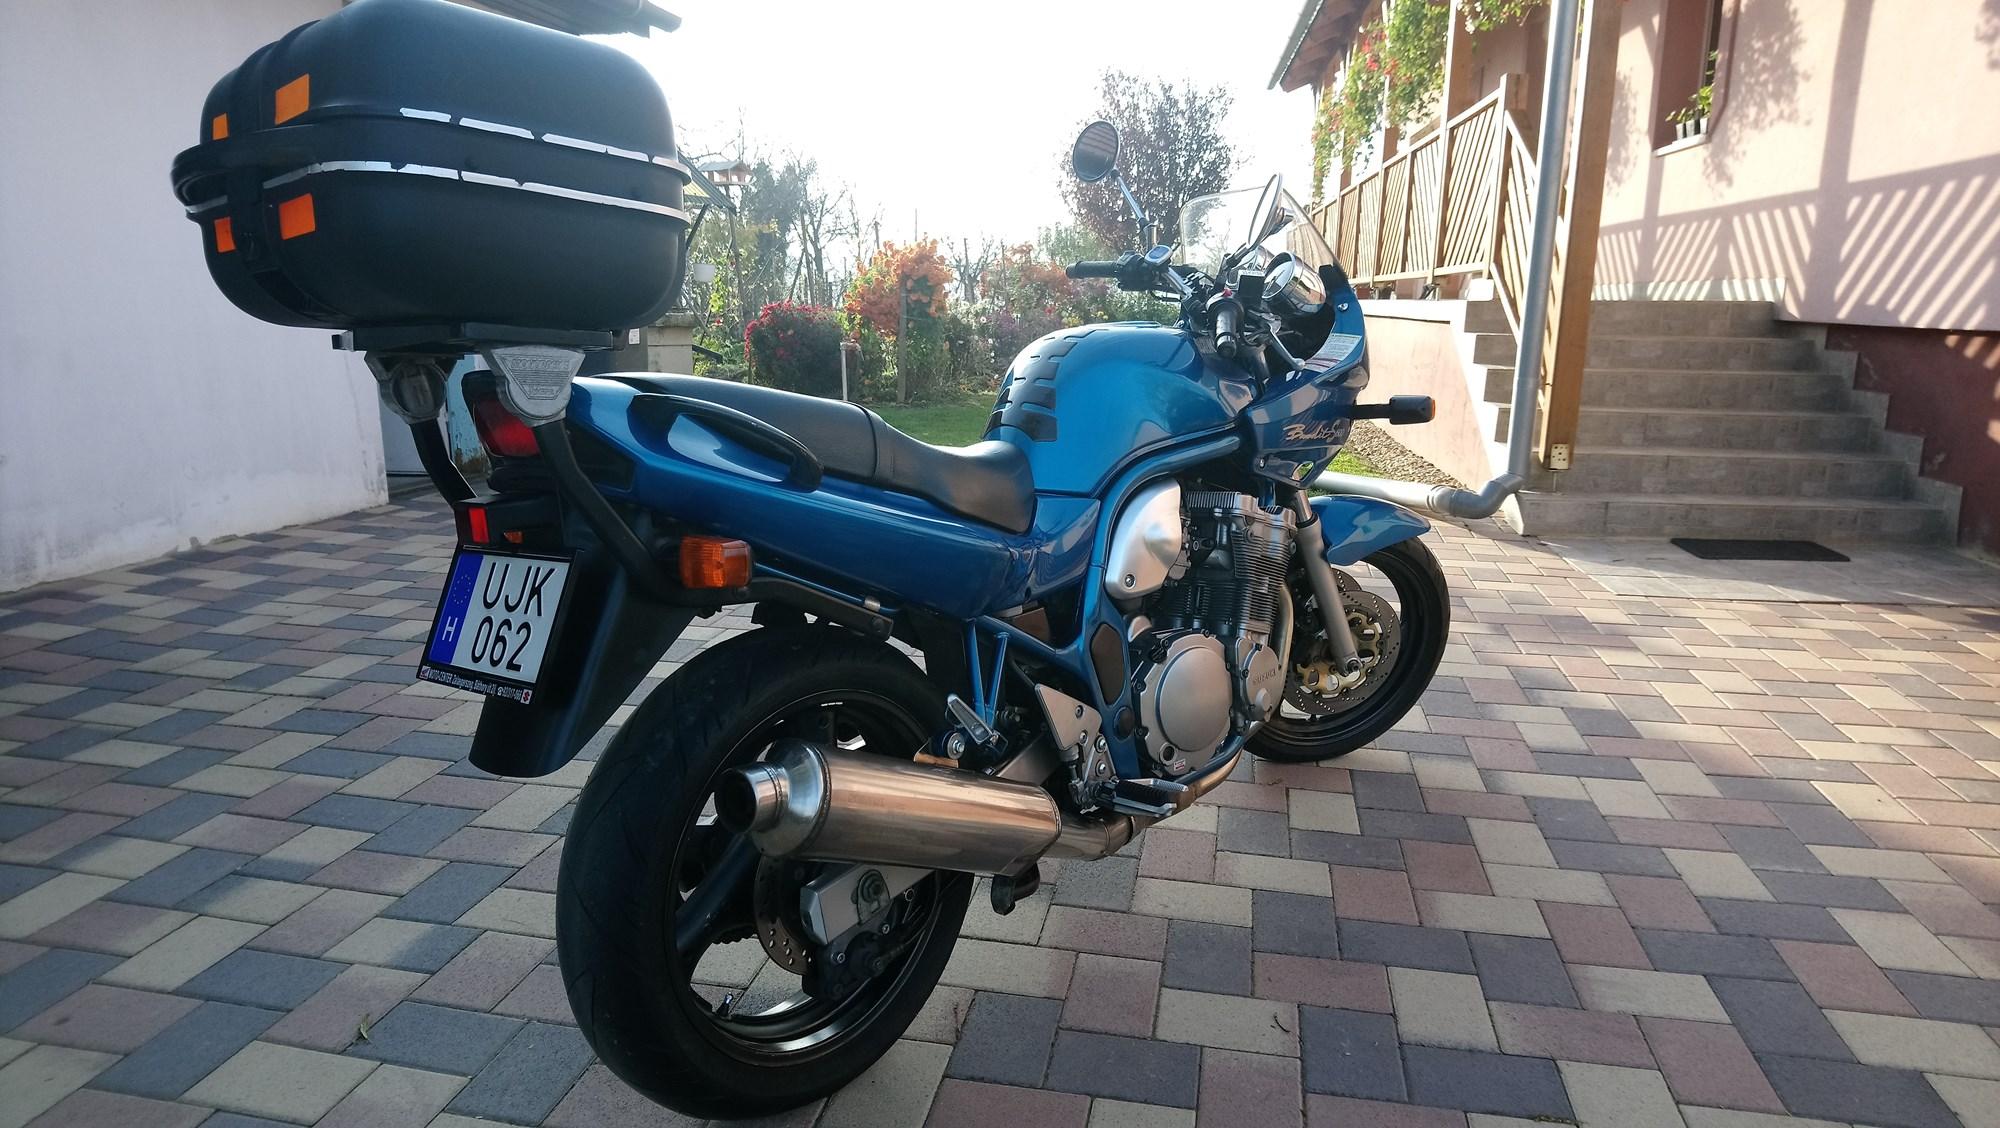 SUZUKI GSF 600 S, 4. kép